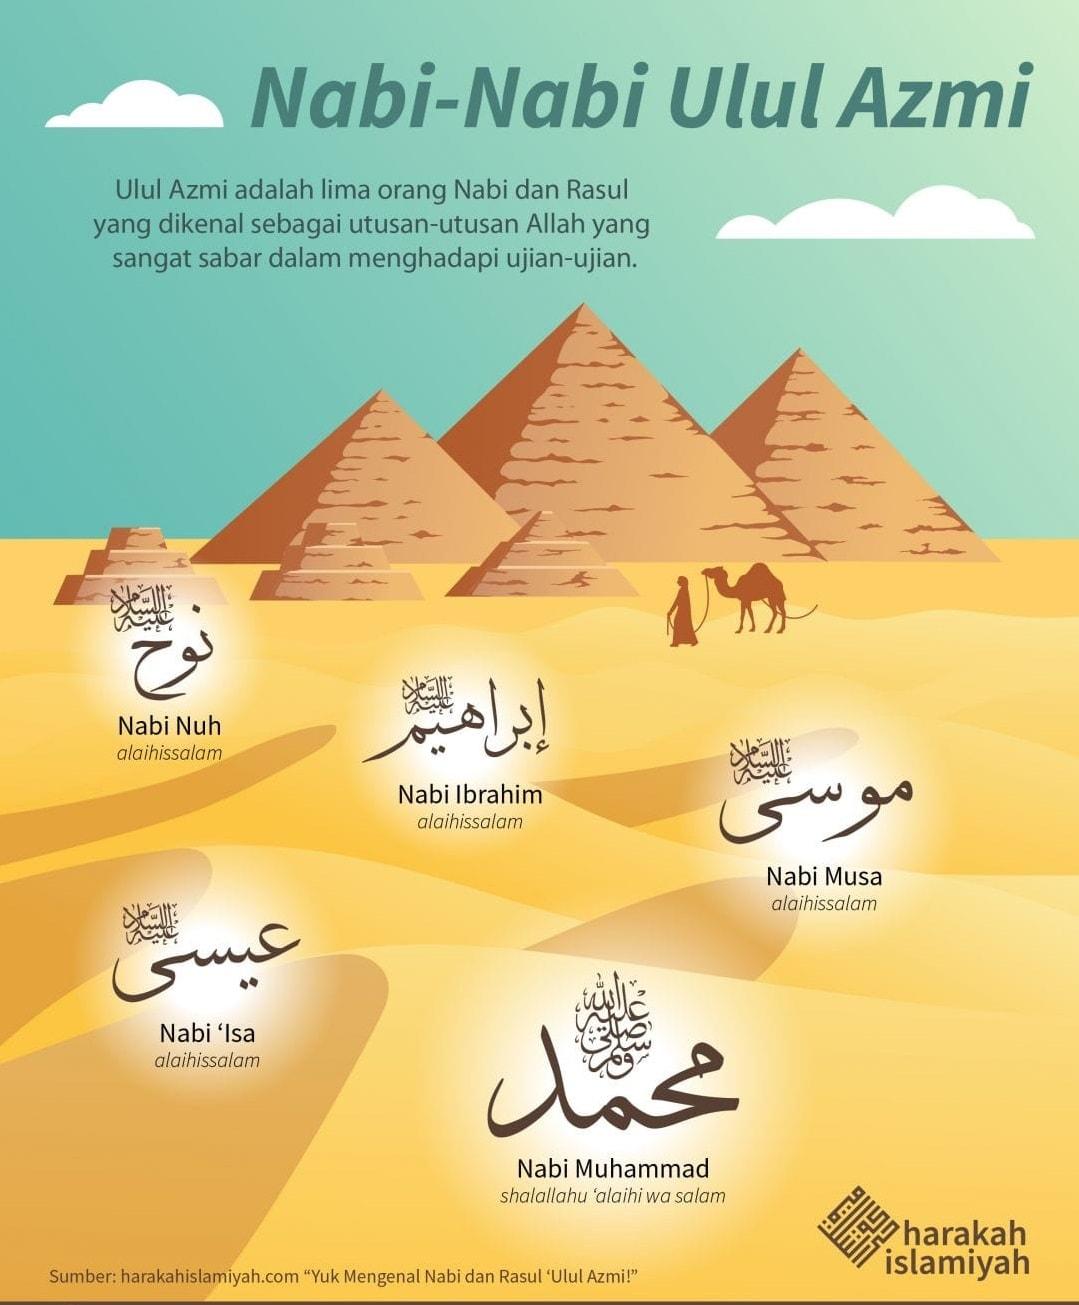 Trendkan Mengenal Ulul Azmi atau Nabi NIMIM